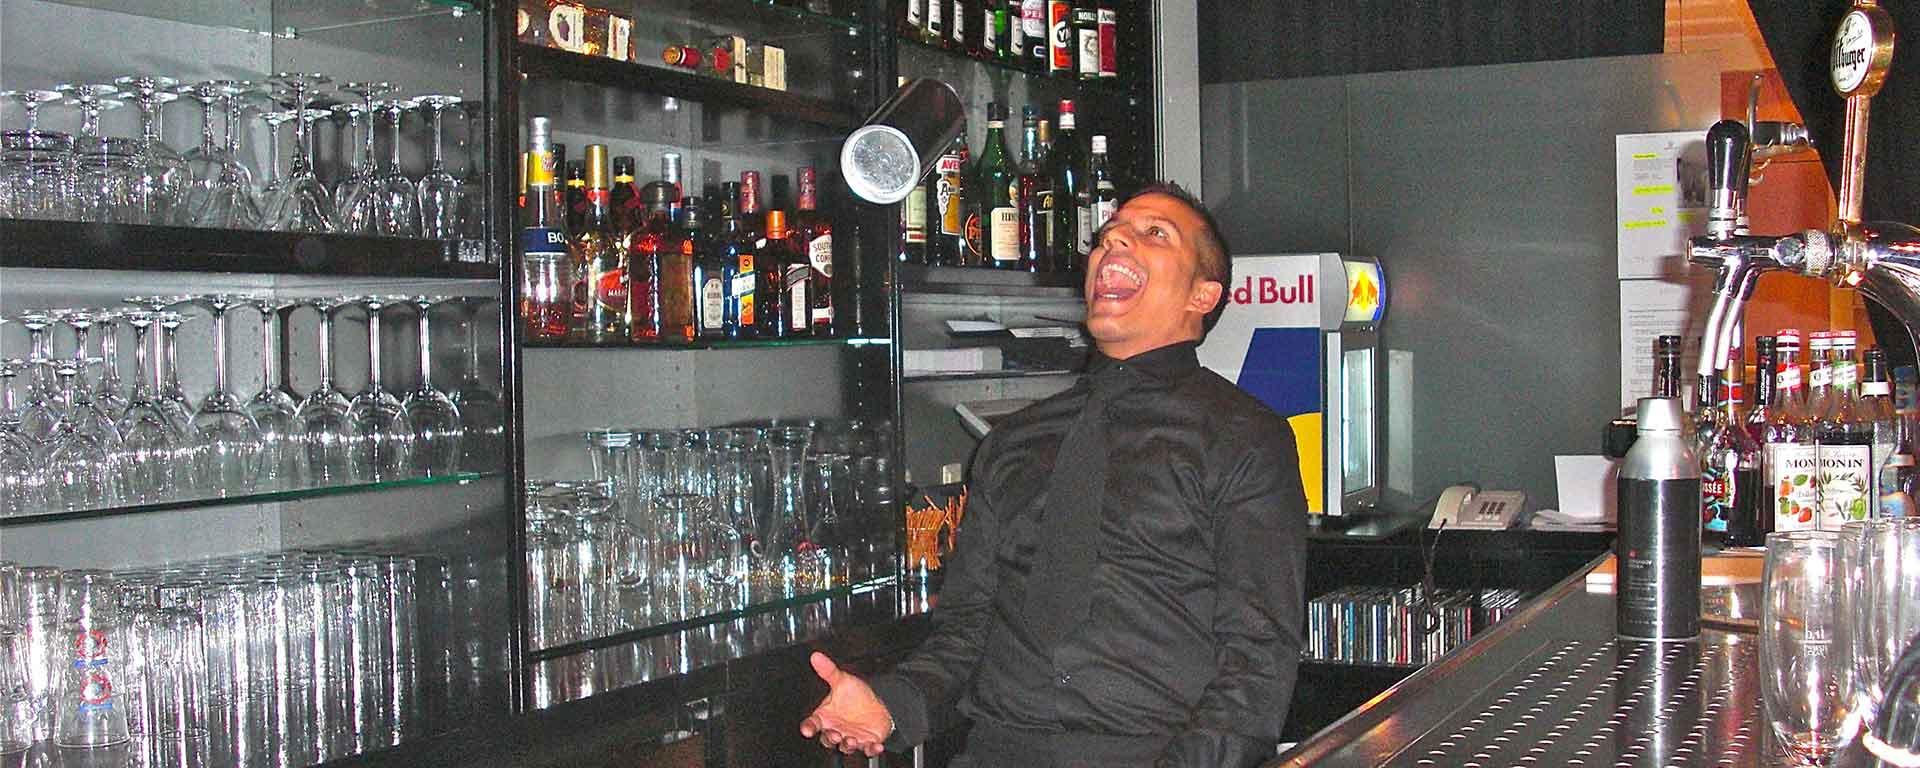 Die SAVOY HOTEL PIANO BAR Frankfurt-Mitte: Unser Bartender / Barista mixt Ihnen Ihr Wunch-Cocktail